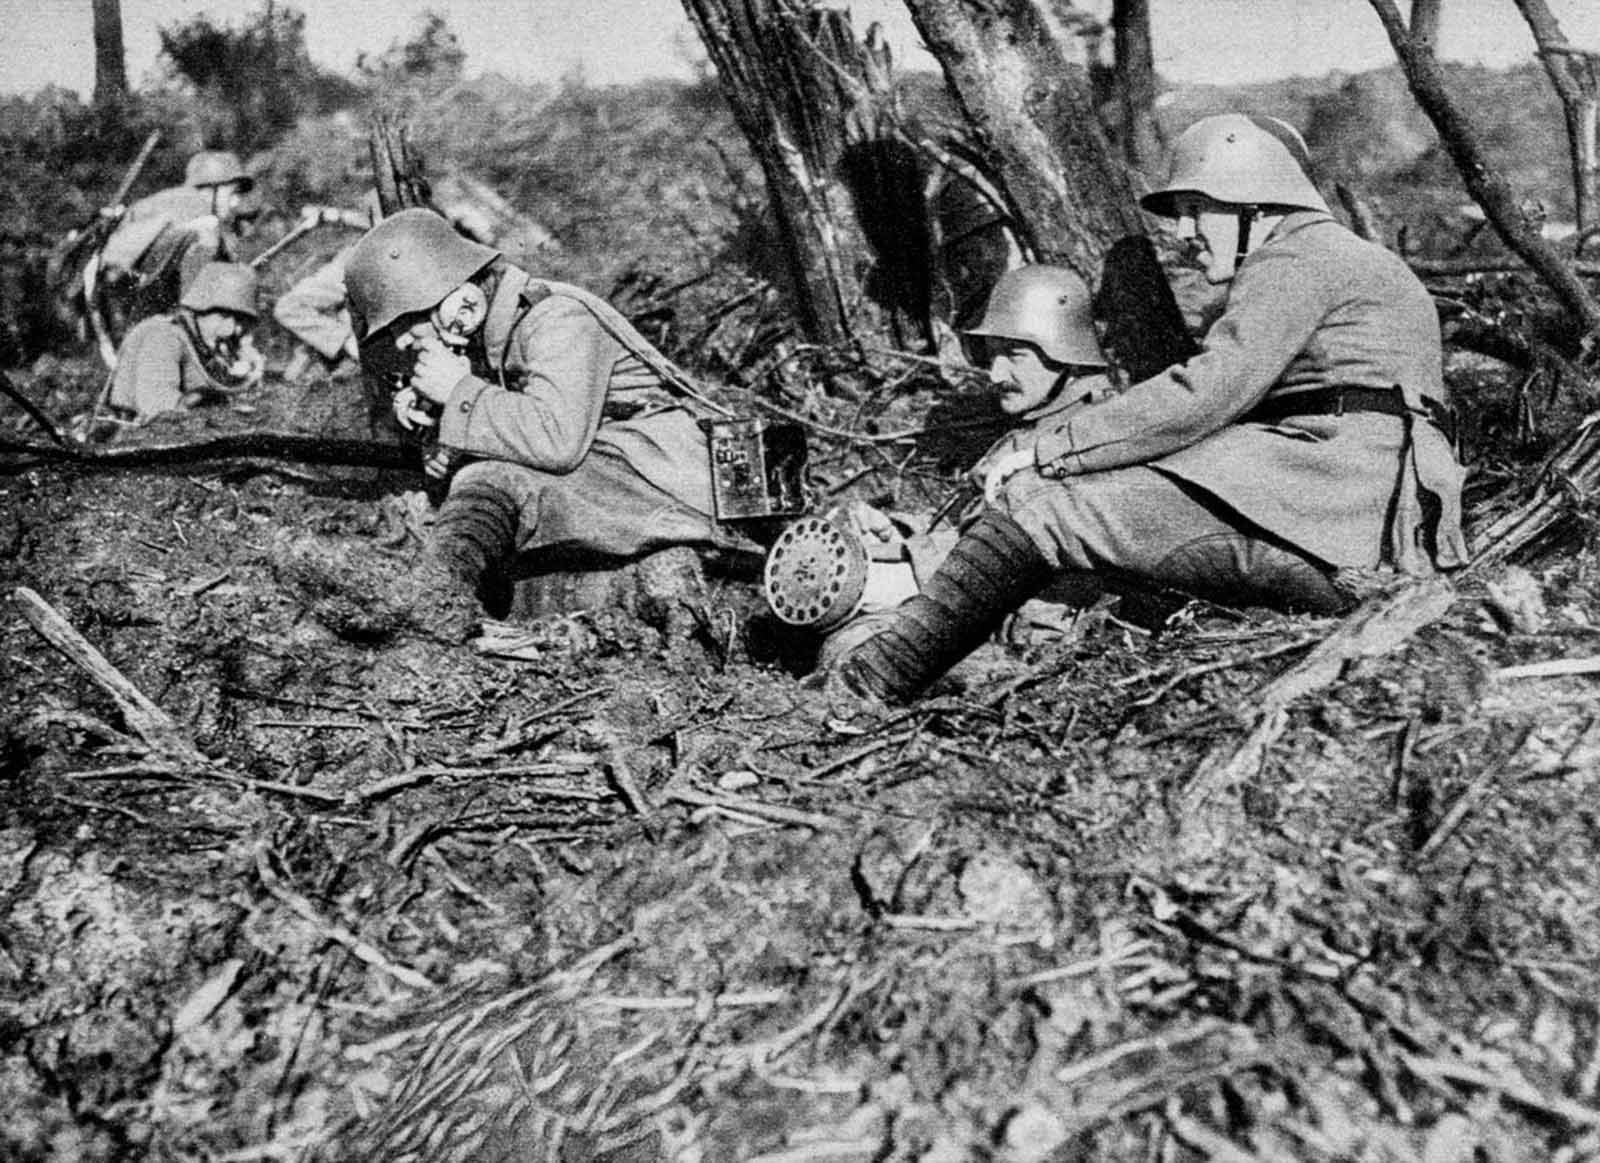 Un telefonista de campo alemán retransmite peticiones de artillería desde las líneas del frente.